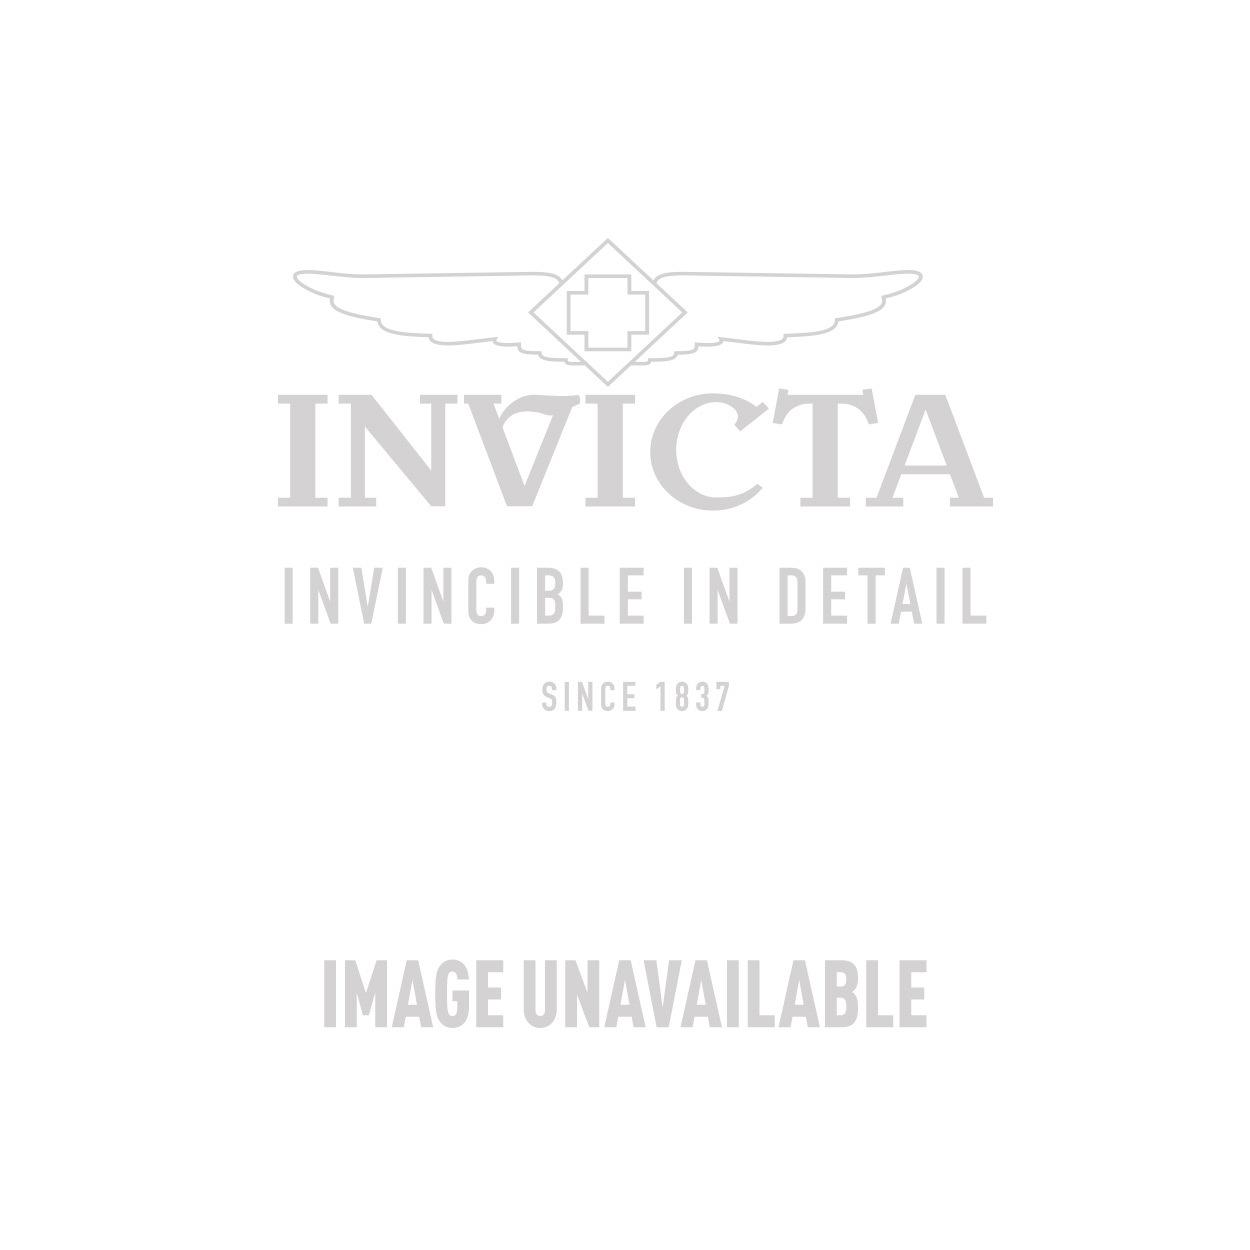 Invicta Model 27747